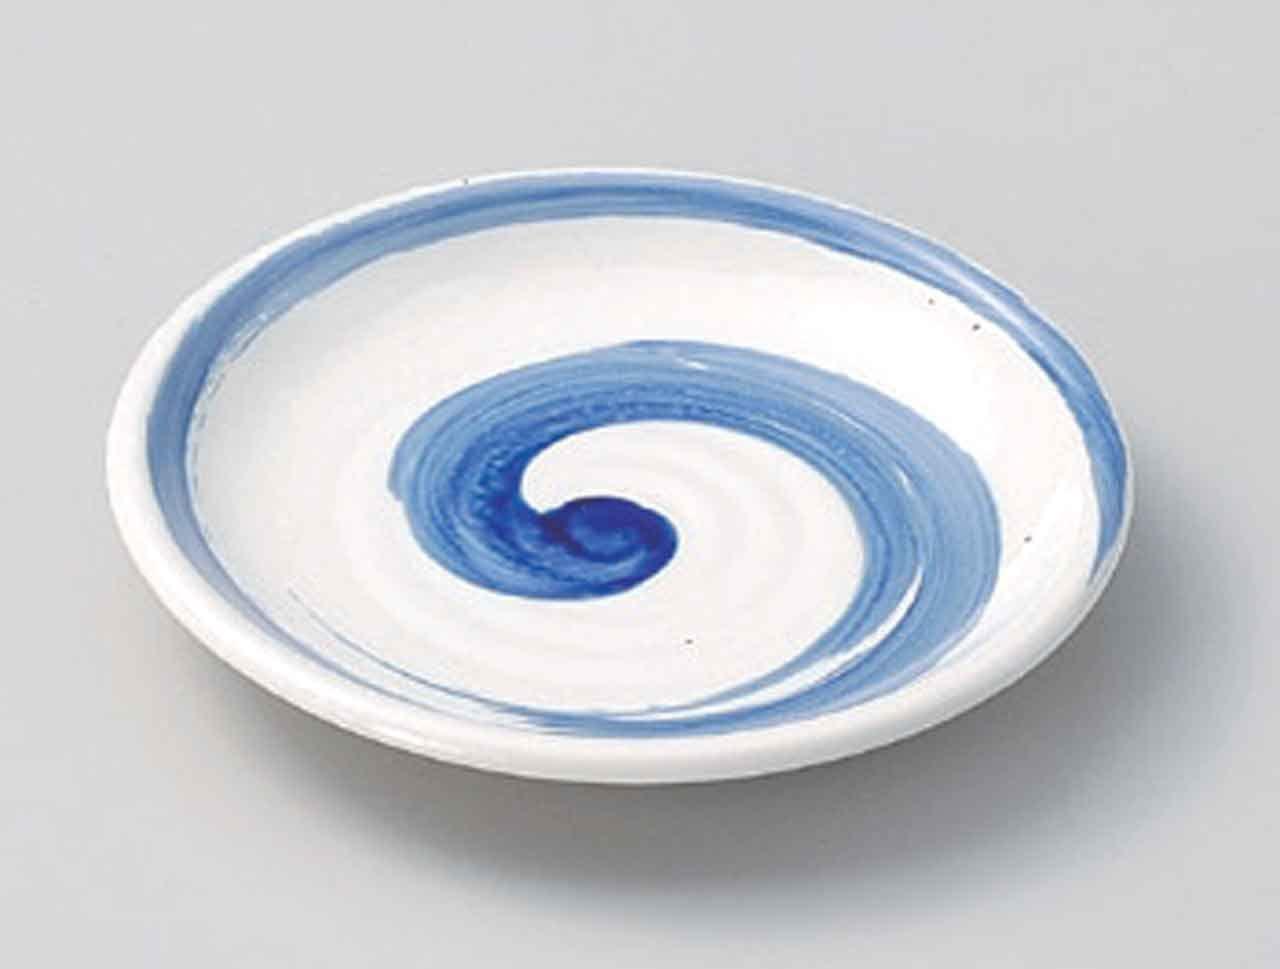 Seiran Kobiki 6inch Set of 5 Medium Plates porcelain Made in Japan